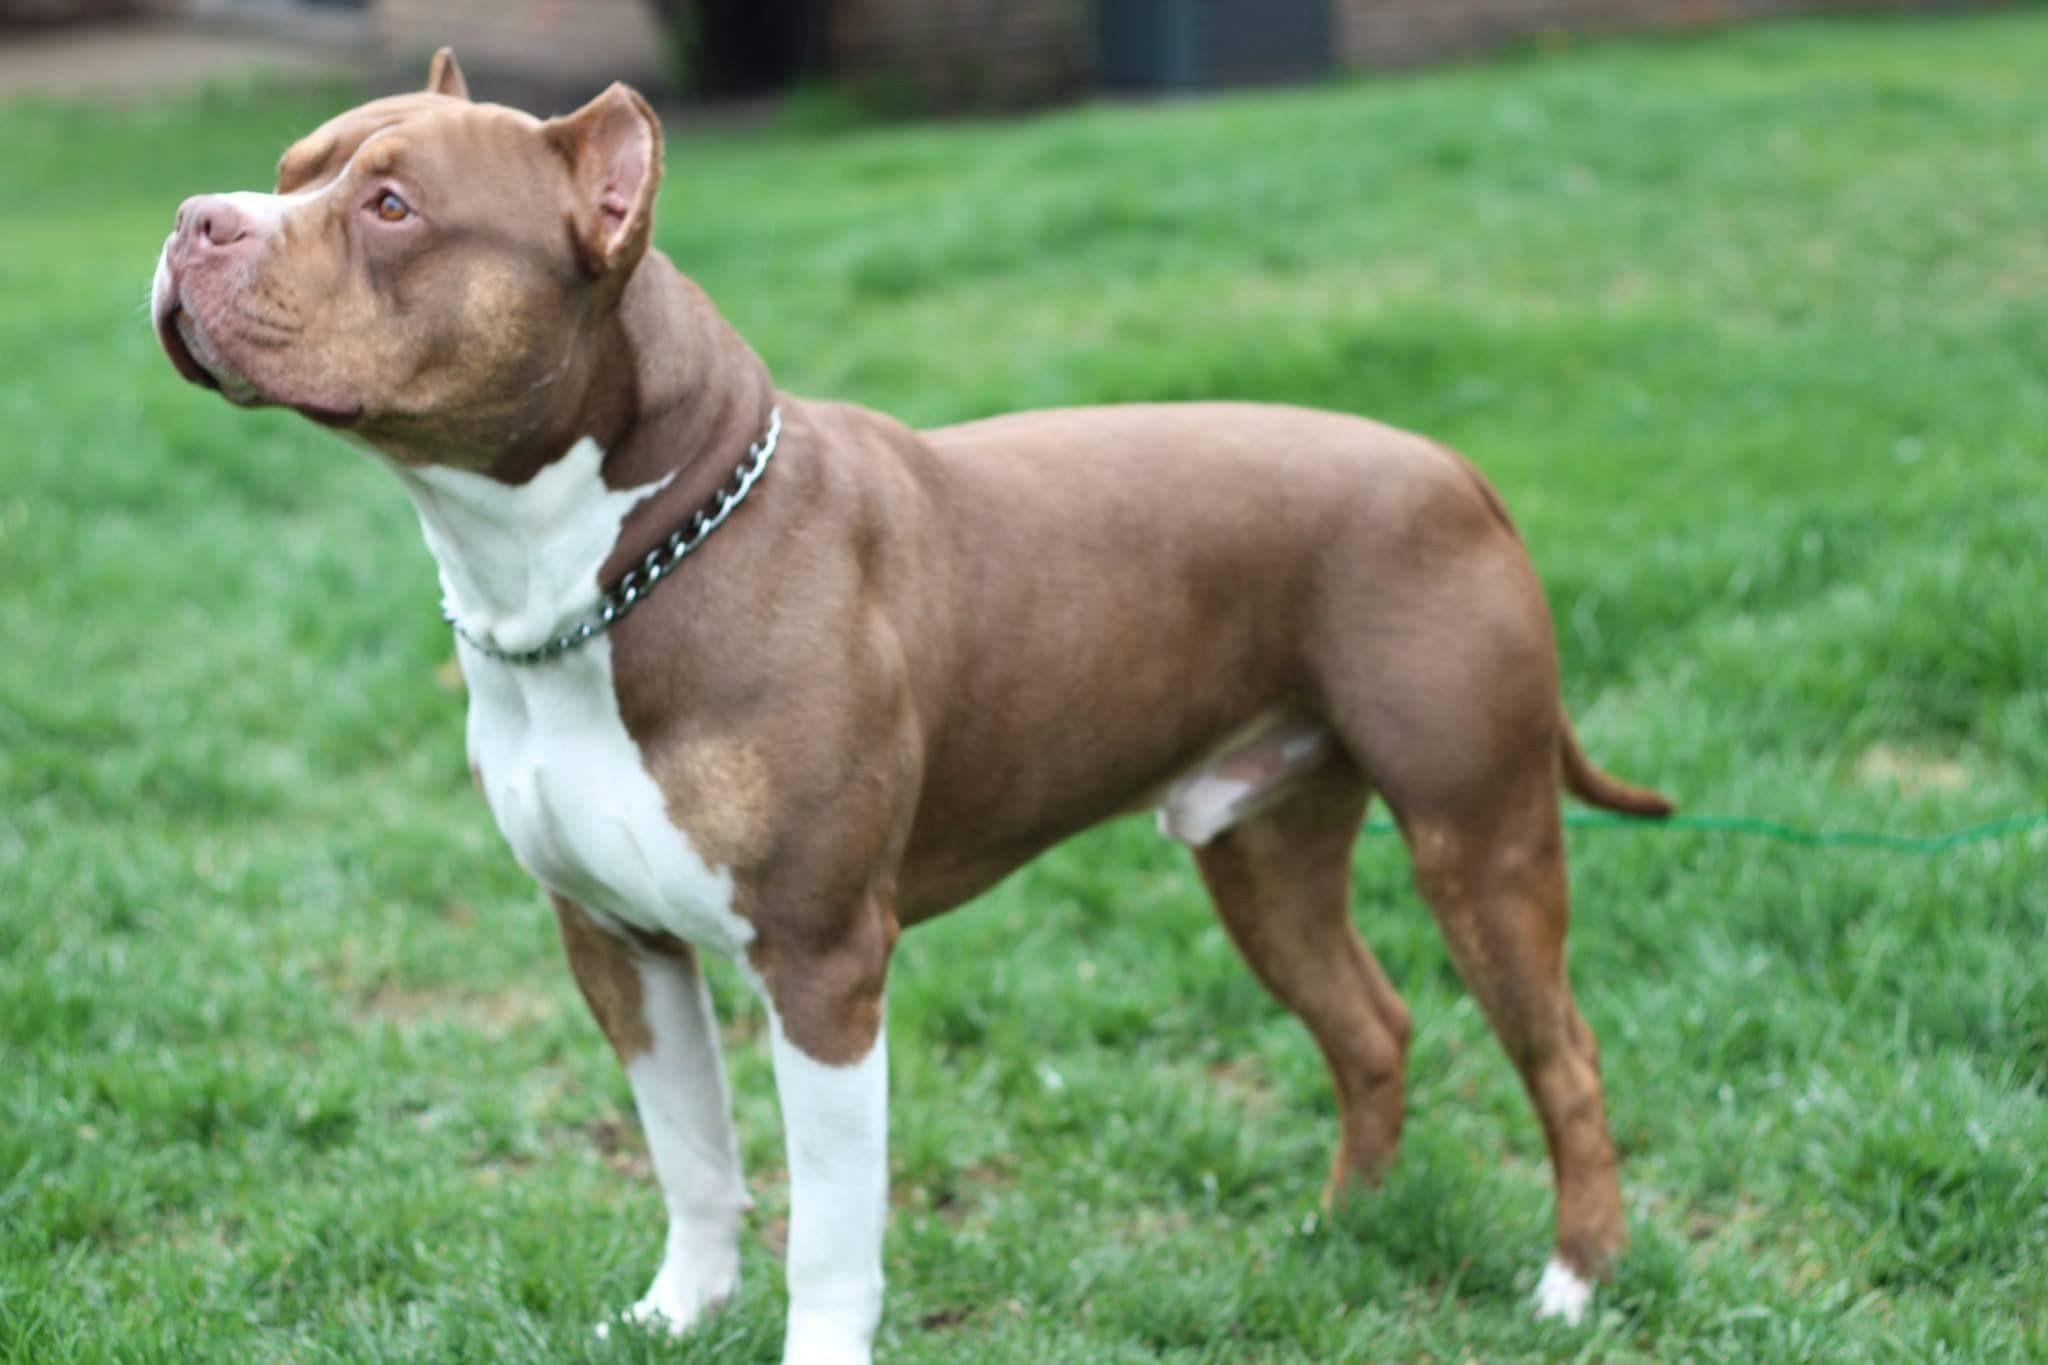 Бойцовские собаки: виды пород, список, какая самая сильная